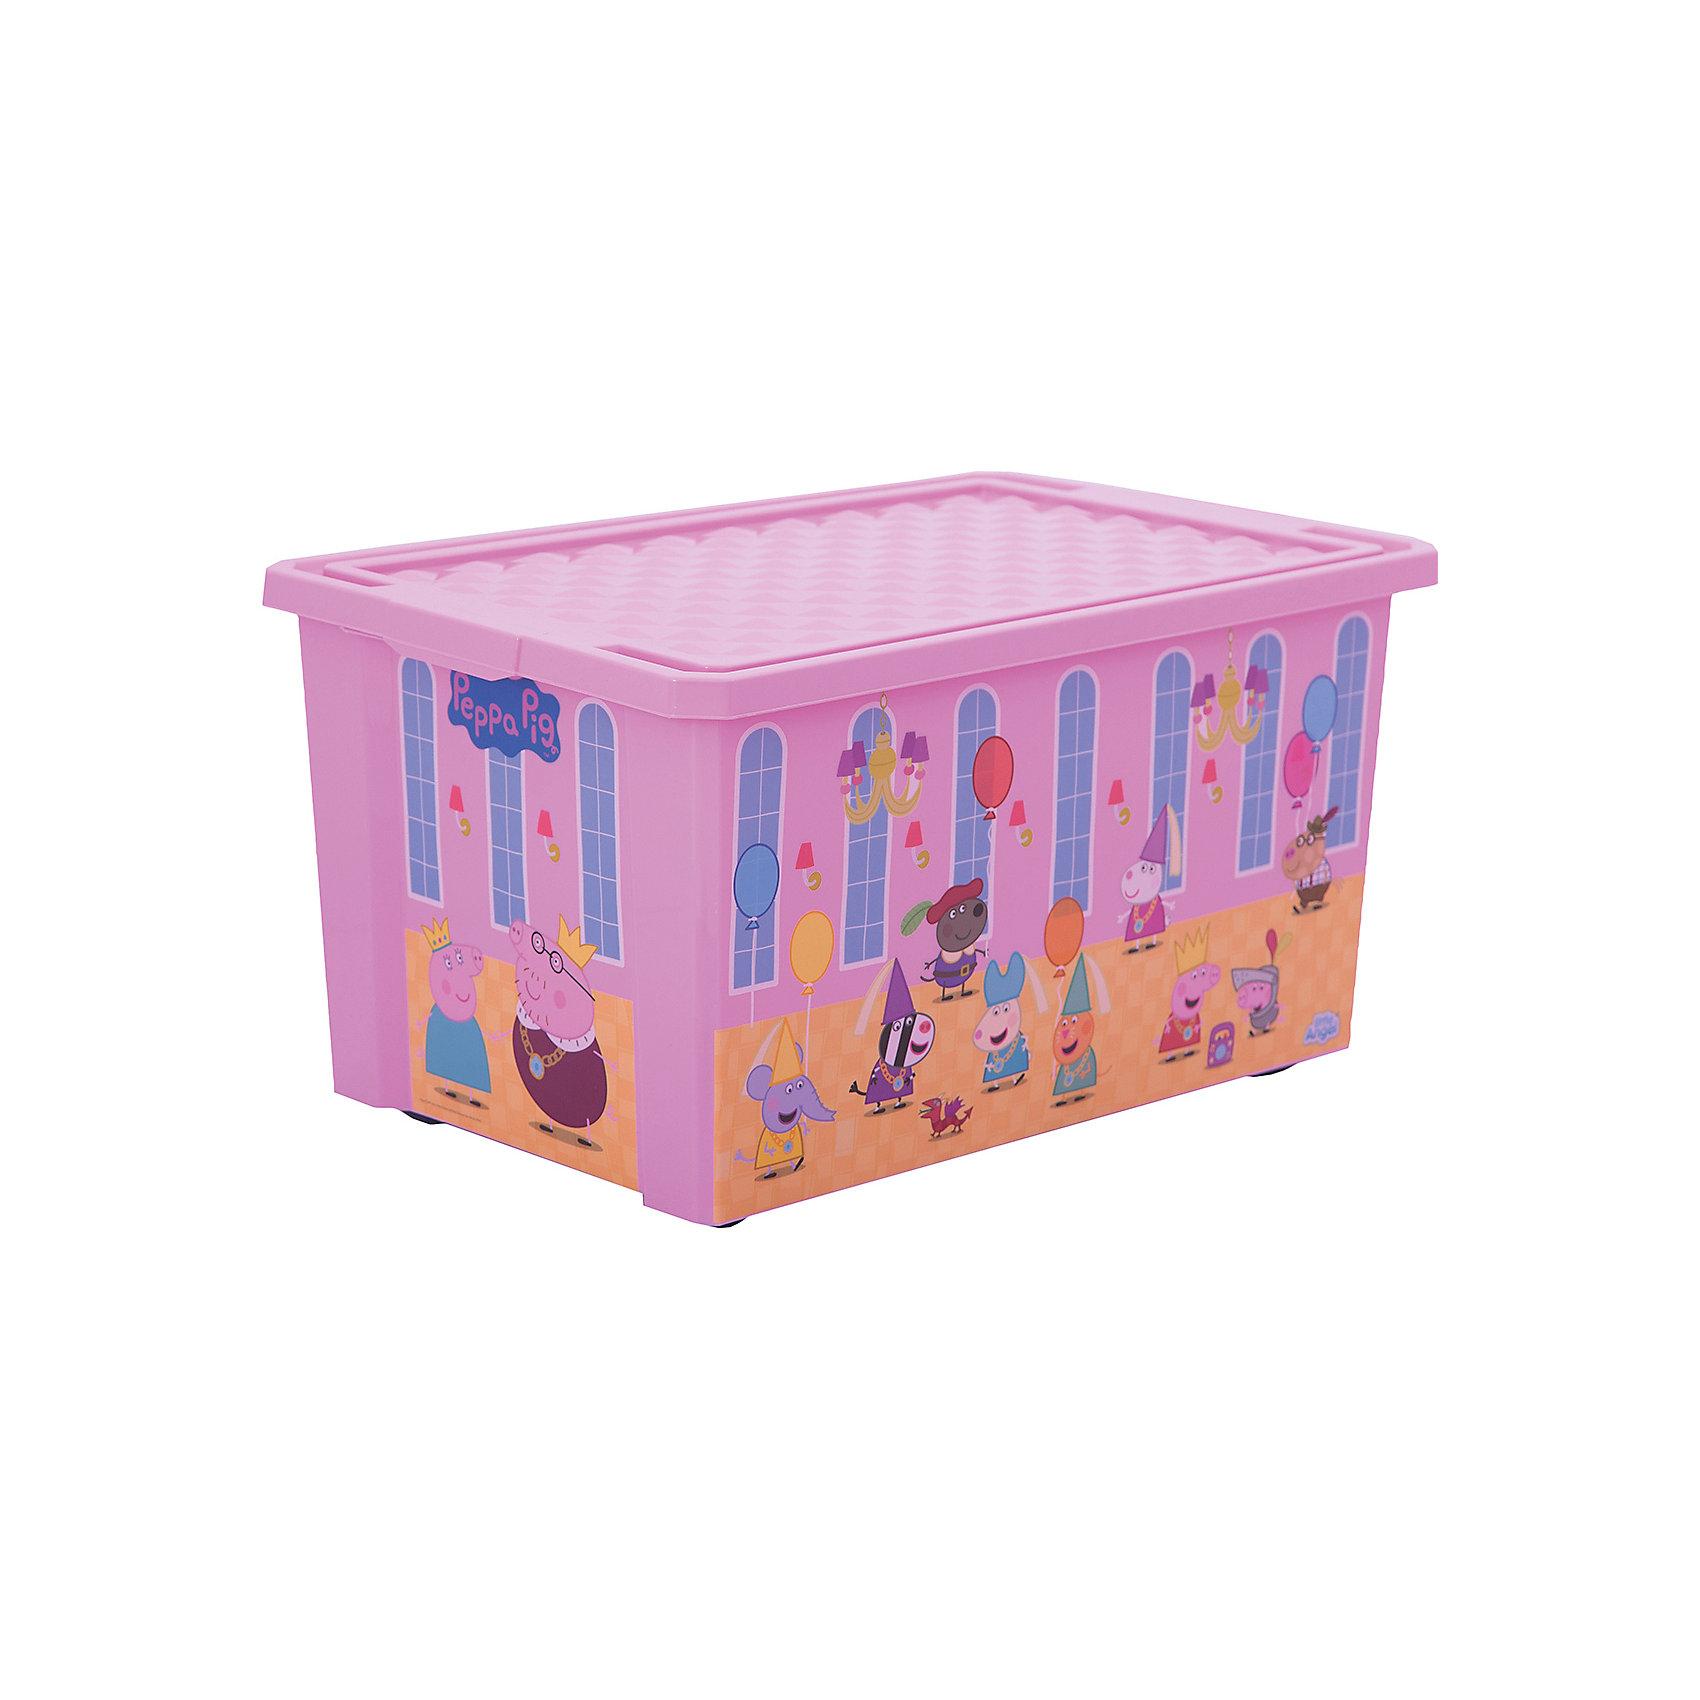 Little Angel Ящик для хранения игрушек X-BOX Свинка Пеппа 57л, Little Angel, розовый little angel накладка на унитаз little angel голубой